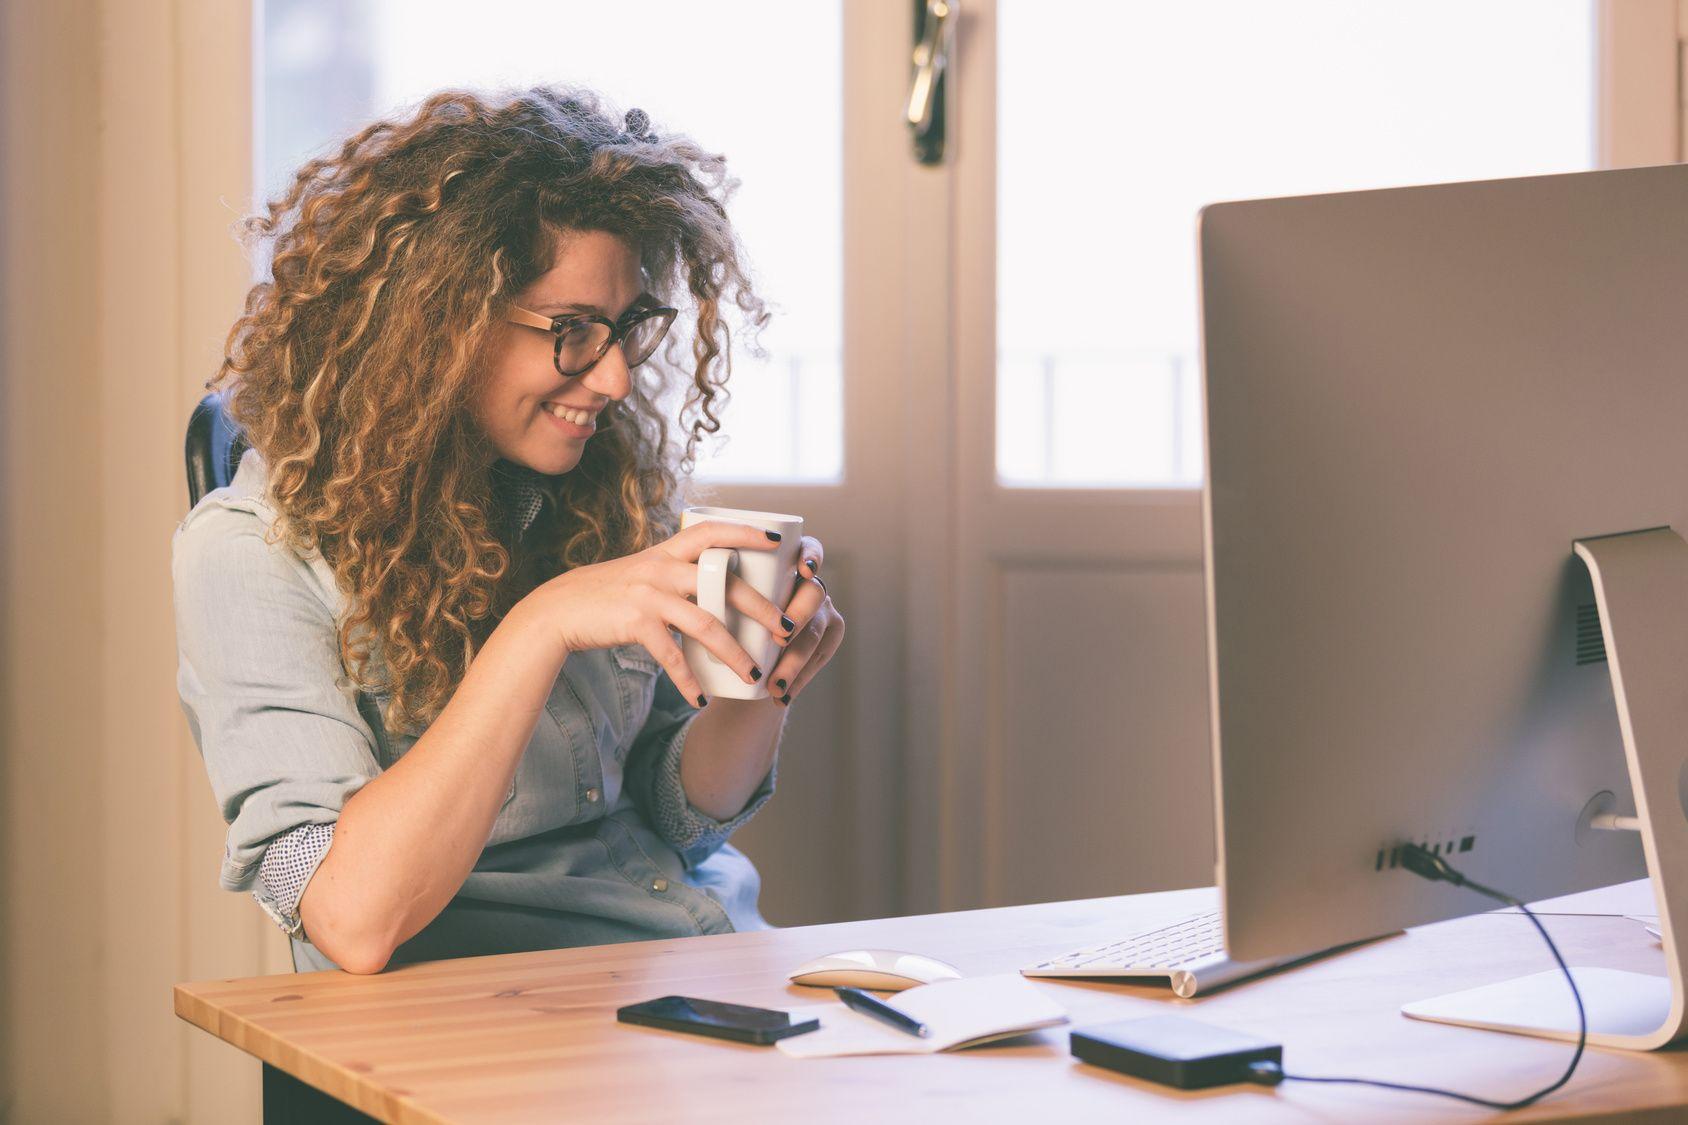 Le cattive abitudini che mettono a rischio la salute in ufficio